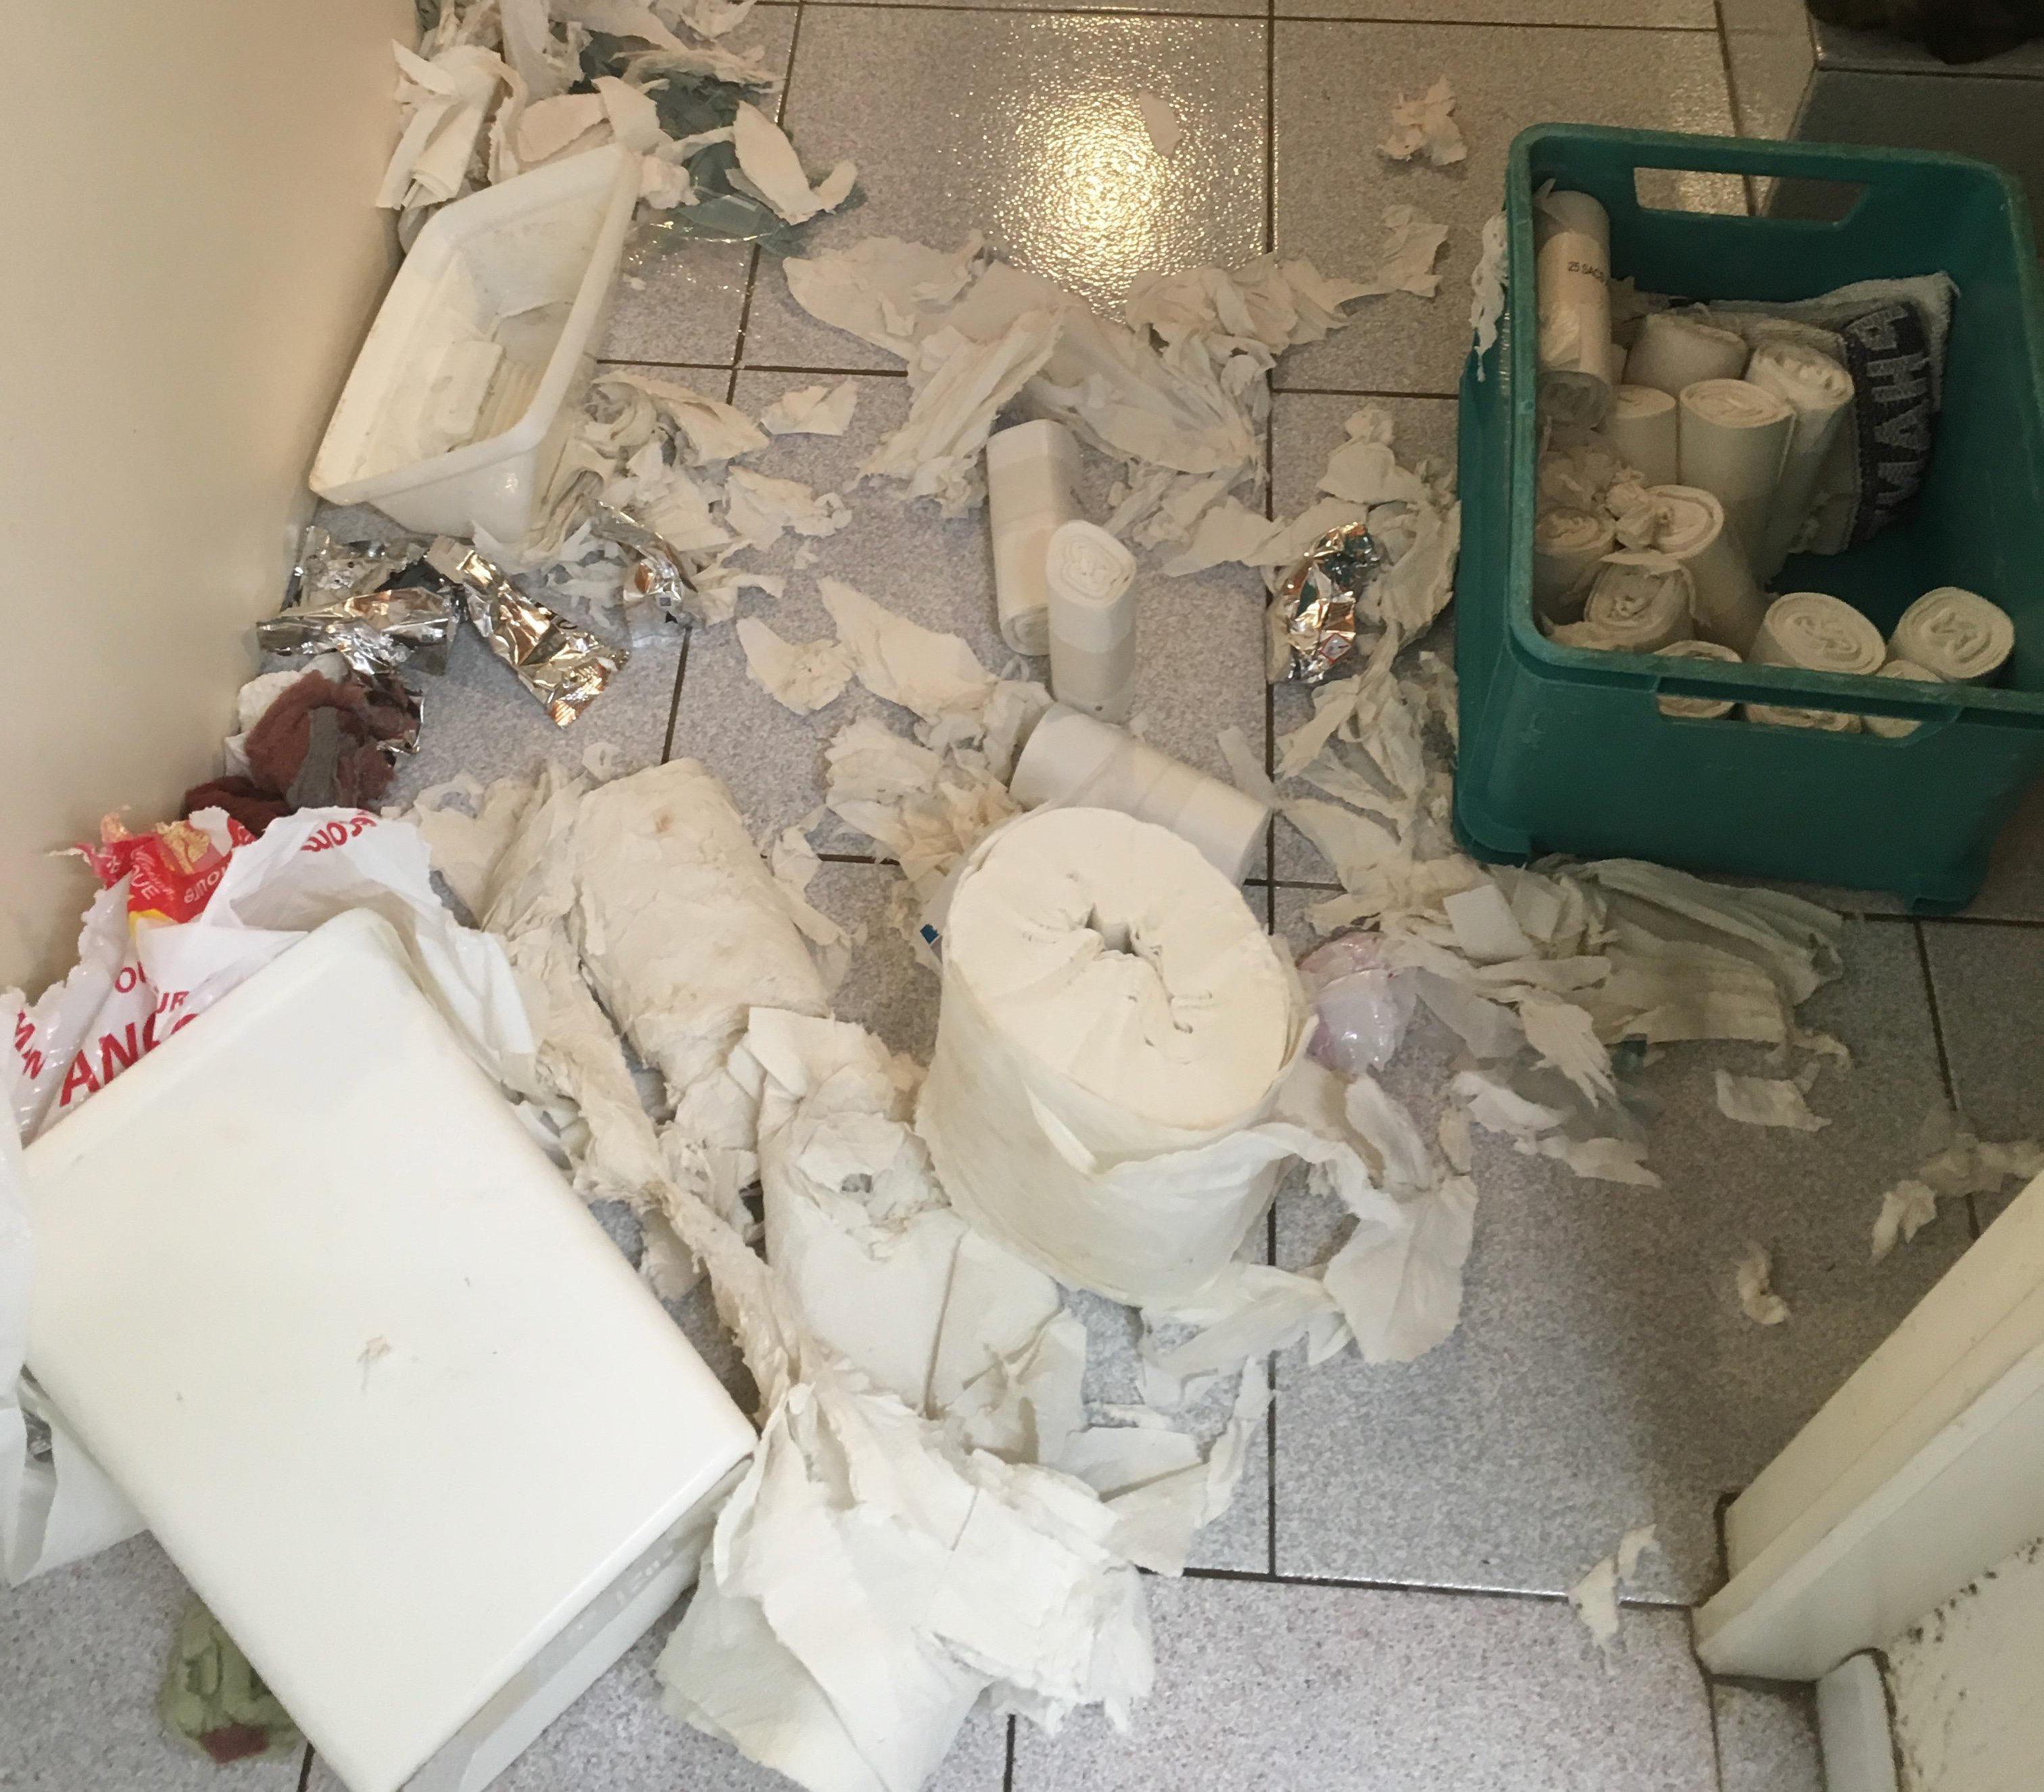 Poubelle éventrée et papiers qui jonchent le sol